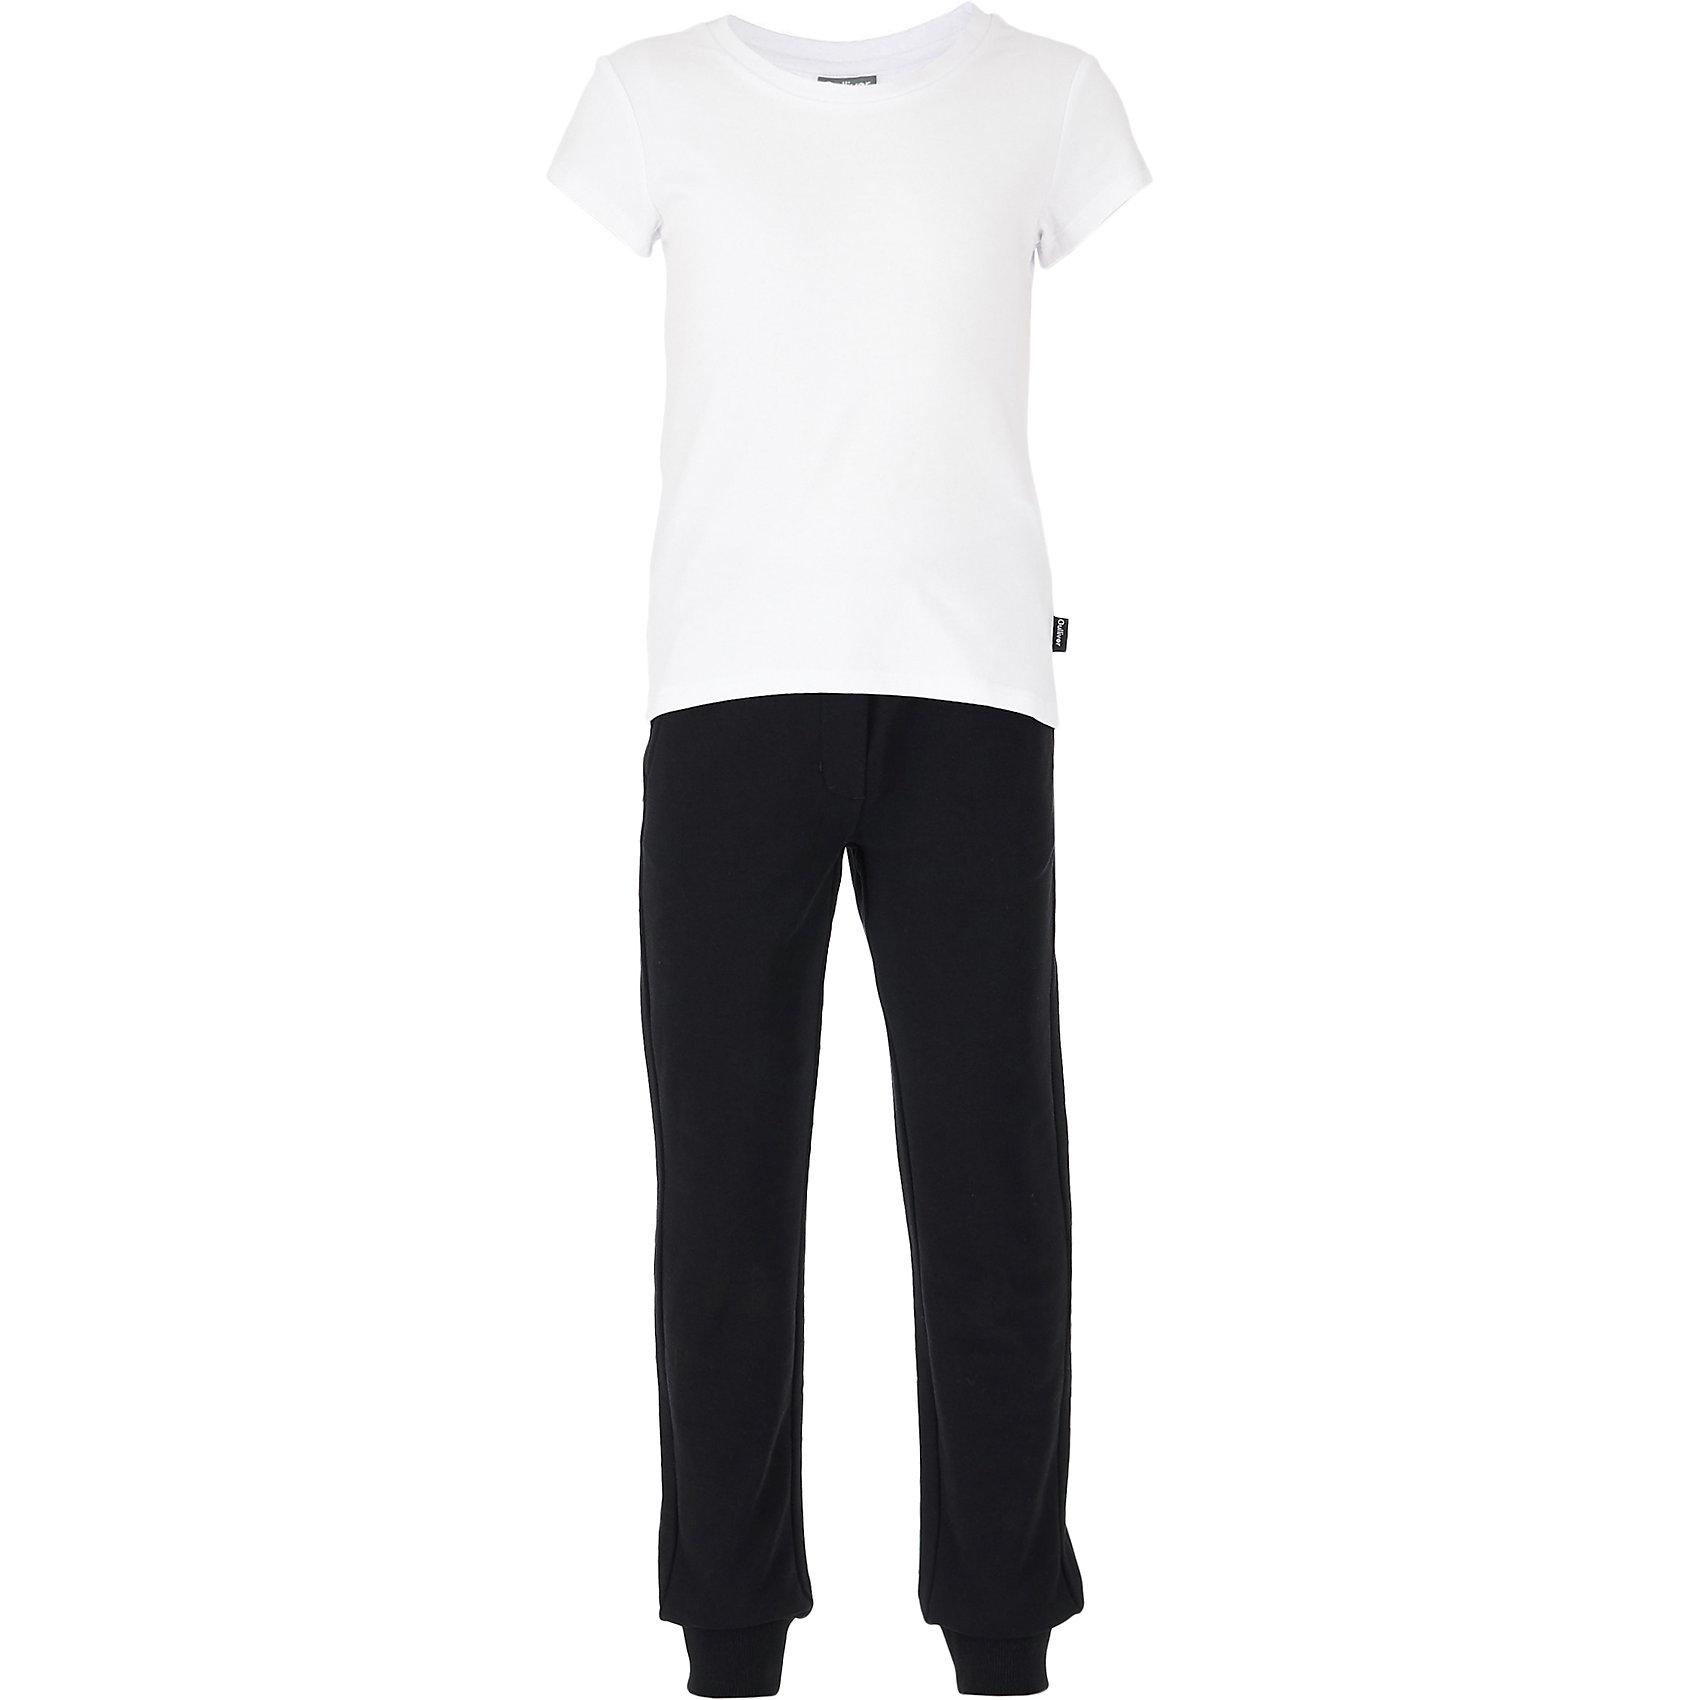 Комплект: футболка, брюки и мешок для девочки GulliverКомплекты<br>Белый верх, черный низ - готовое решение для занятий физкультурой и спортом. Школьная спортивная форма прекрасно сидит, элегантно выглядит и, главное, соответствует всем требованиям учебных заведений! Великолепное хлопчатобумажное трикотажное полотно с небольшим содержанием эластана красиво облегает фигуру, не сковывая движений. Удобная фирменная упаковка не позволяет затеряться футболке и брюкам в школьной раздевалке. Этот набор для физкультуры может служить оригинальным подарком ученице к новому учебному году.<br>Состав:<br>Футболка:             95% хлопок            5% эластан           Брюки:                    95% хлопок             5% эластан                  Мешочек:              100% хлопок<br><br>Ширина мм: 215<br>Глубина мм: 88<br>Высота мм: 191<br>Вес г: 336<br>Цвет: белый<br>Возраст от месяцев: 168<br>Возраст до месяцев: 180<br>Пол: Женский<br>Возраст: Детский<br>Размер: 170,122,128,134,140,146,152,158,164<br>SKU: 6678978